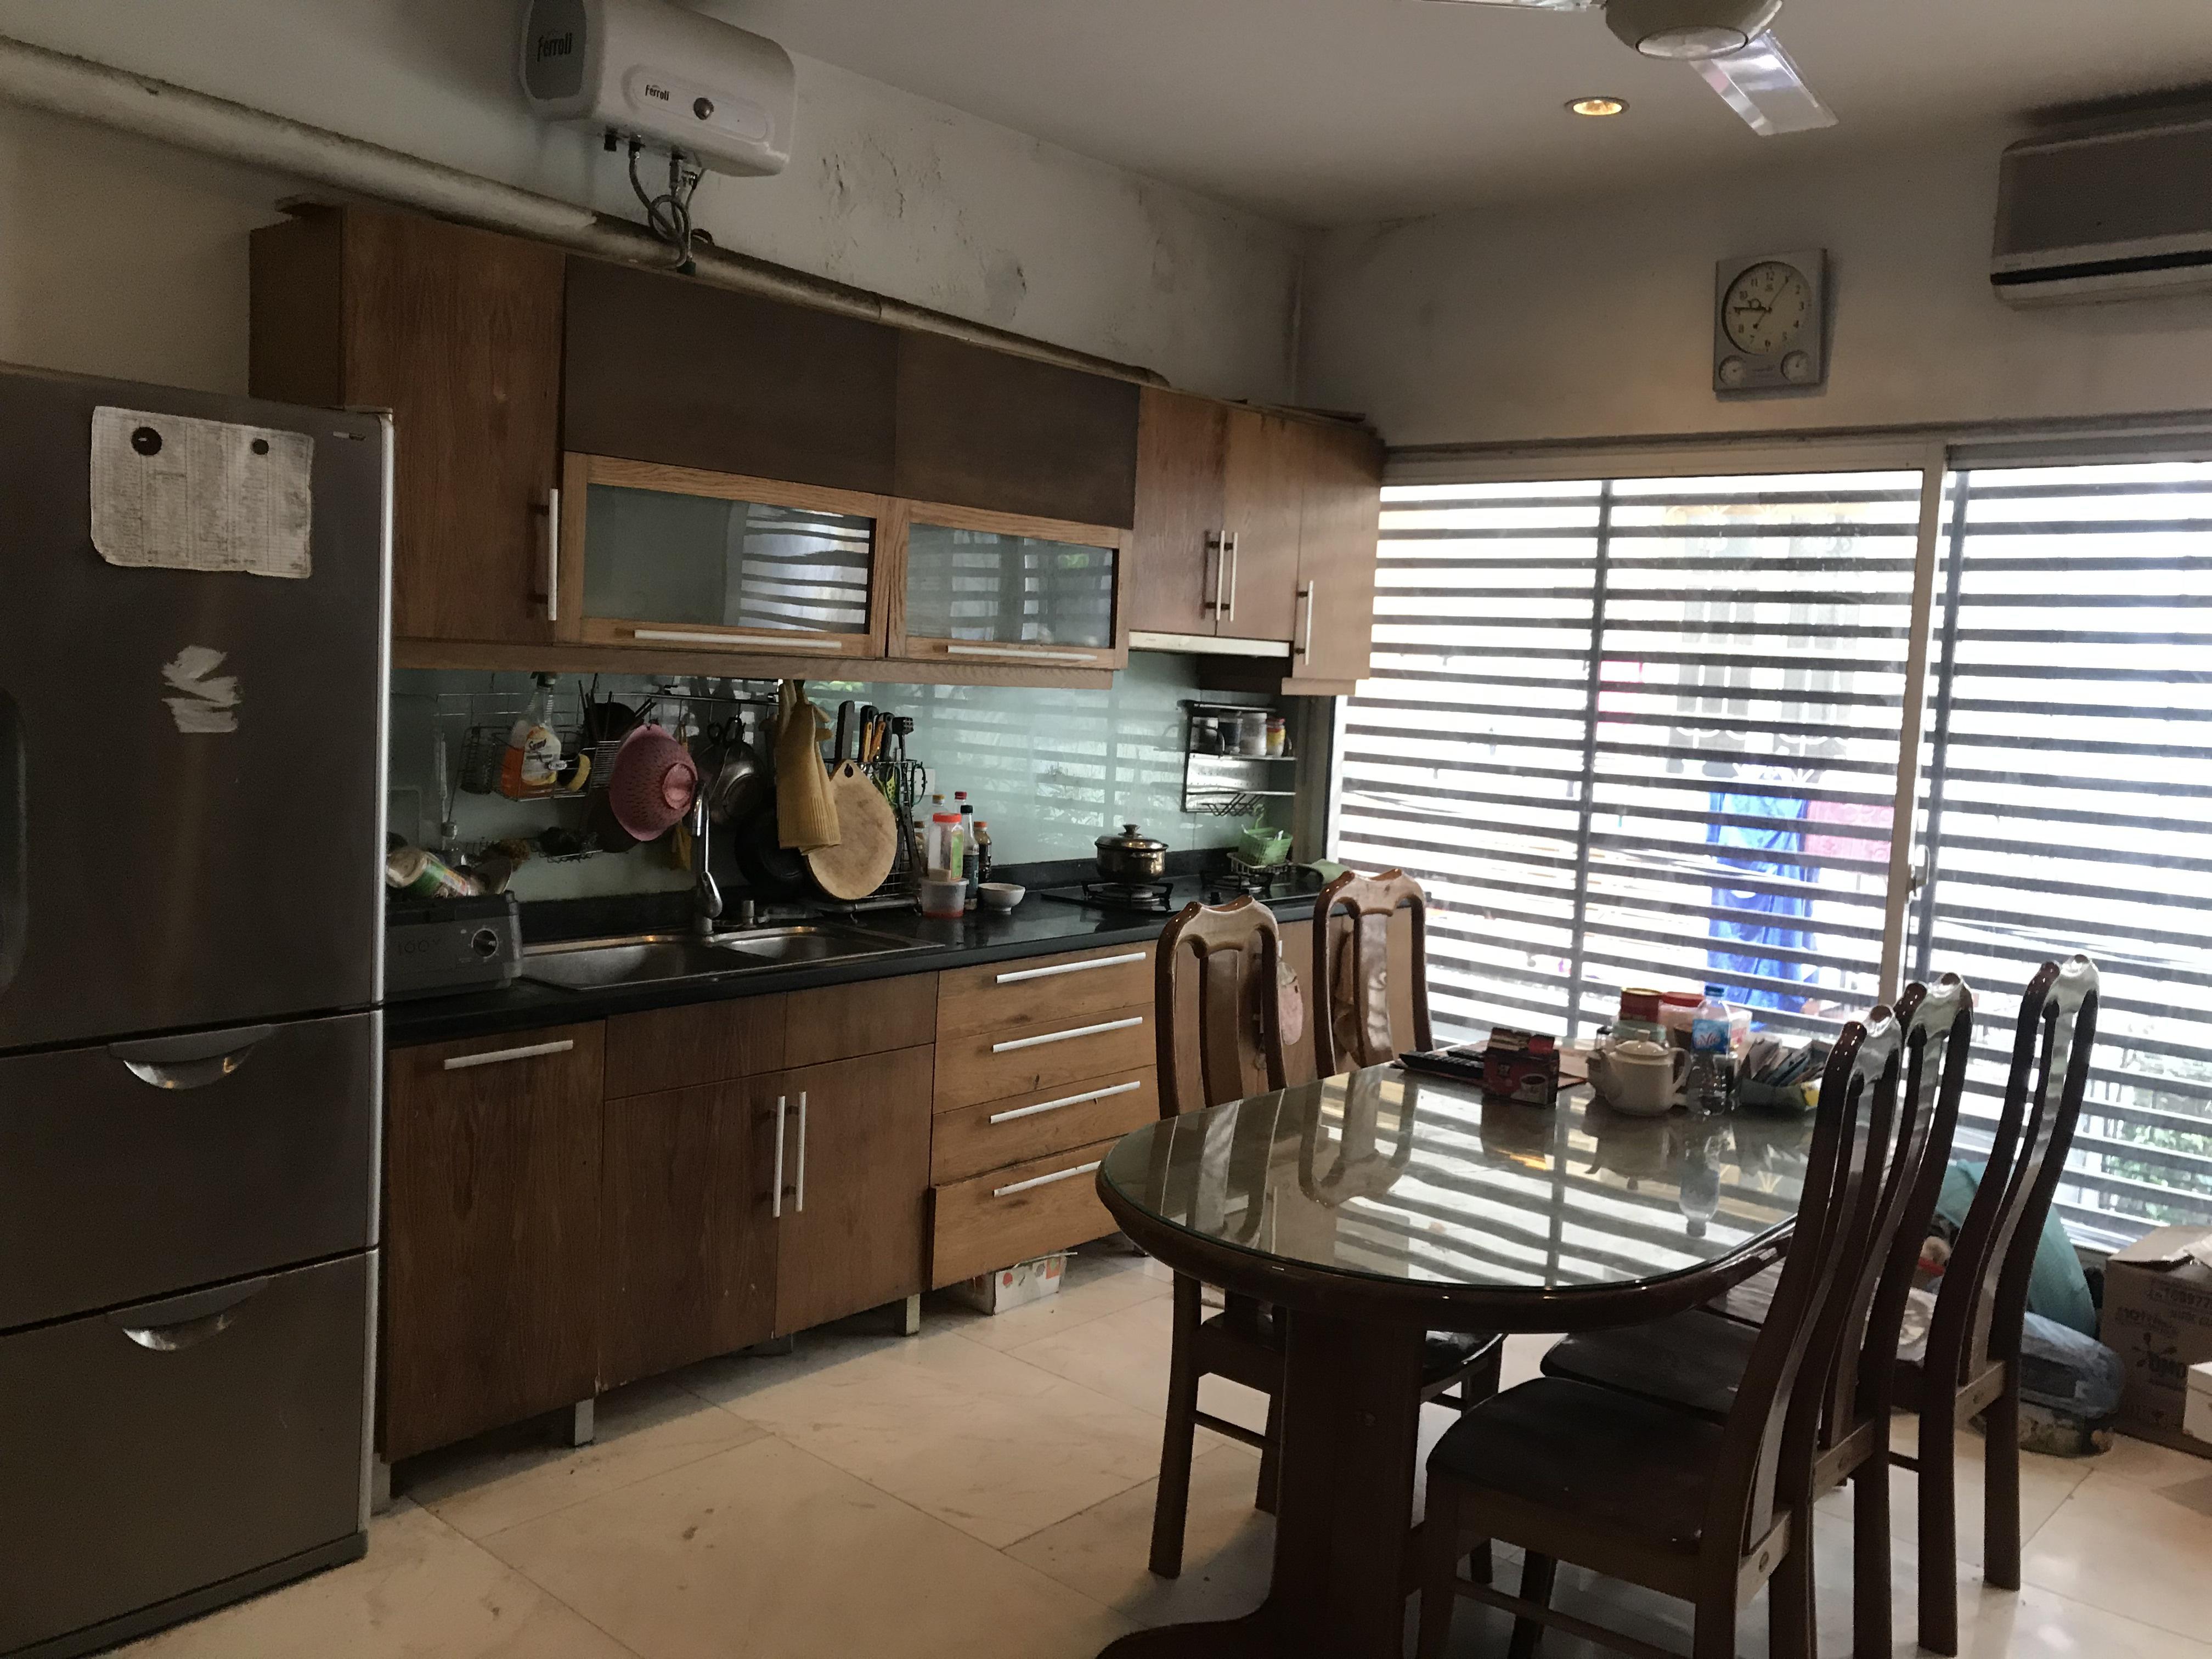 1 Cần cho thuê nhà tại quận Ba Đình Hà Nội, 4 tầng , 3 phòng ngủ, 4 wc, tiện nghi đầy đủ, an ninh